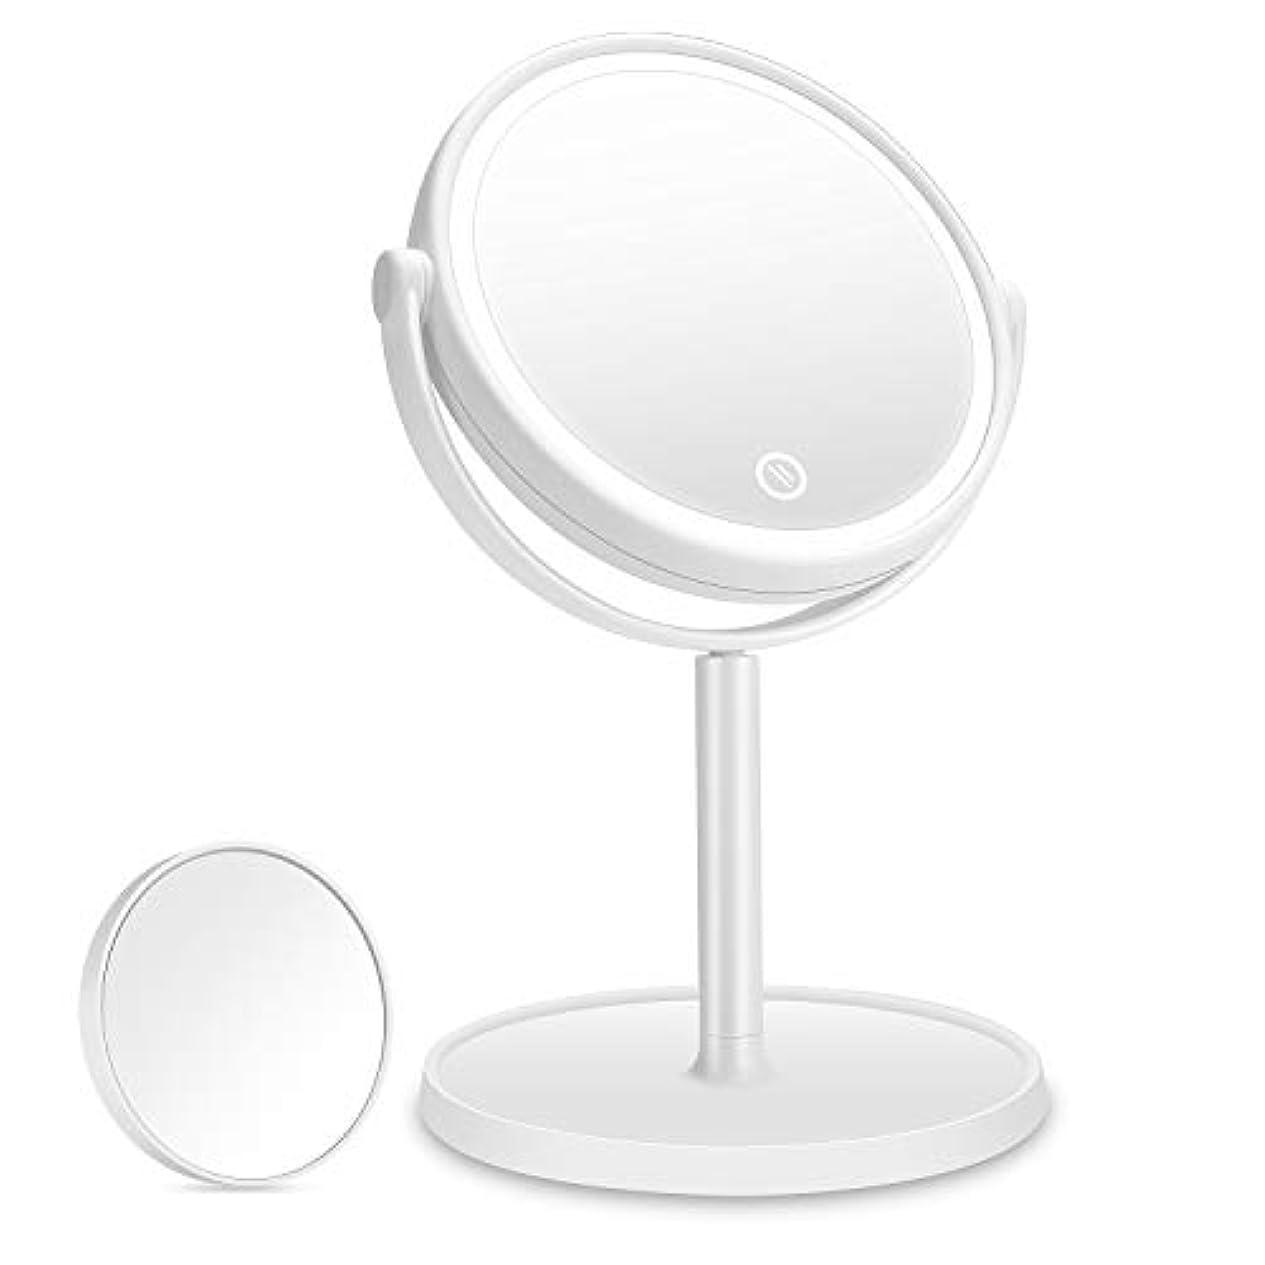 レタス代替洗剤化粧鏡 Aidbucks LED 拡大鏡 3倍 卓上鏡 メイク 女優 スタンドミラー LEDライト付き 明るさ調節可 充電式 360度回転 収納 自然光 柔らかい光 折りたたみ式 USB/乾電池給電 ホワイト